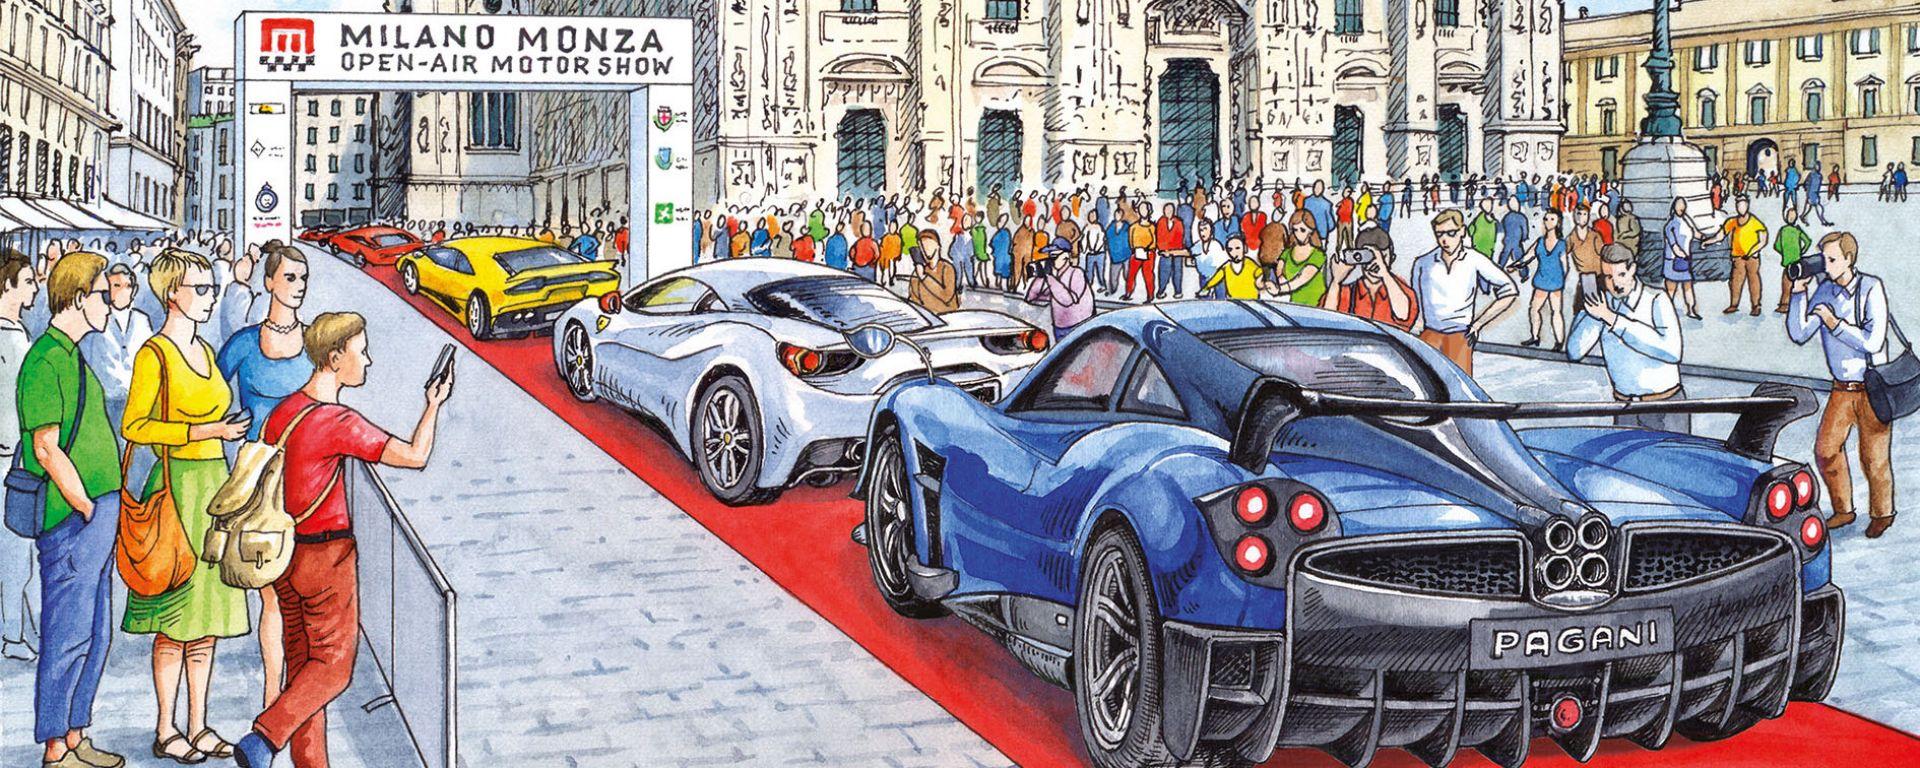 Milano Monza Open Air Motor Show: tutto quello che c'è da vedere